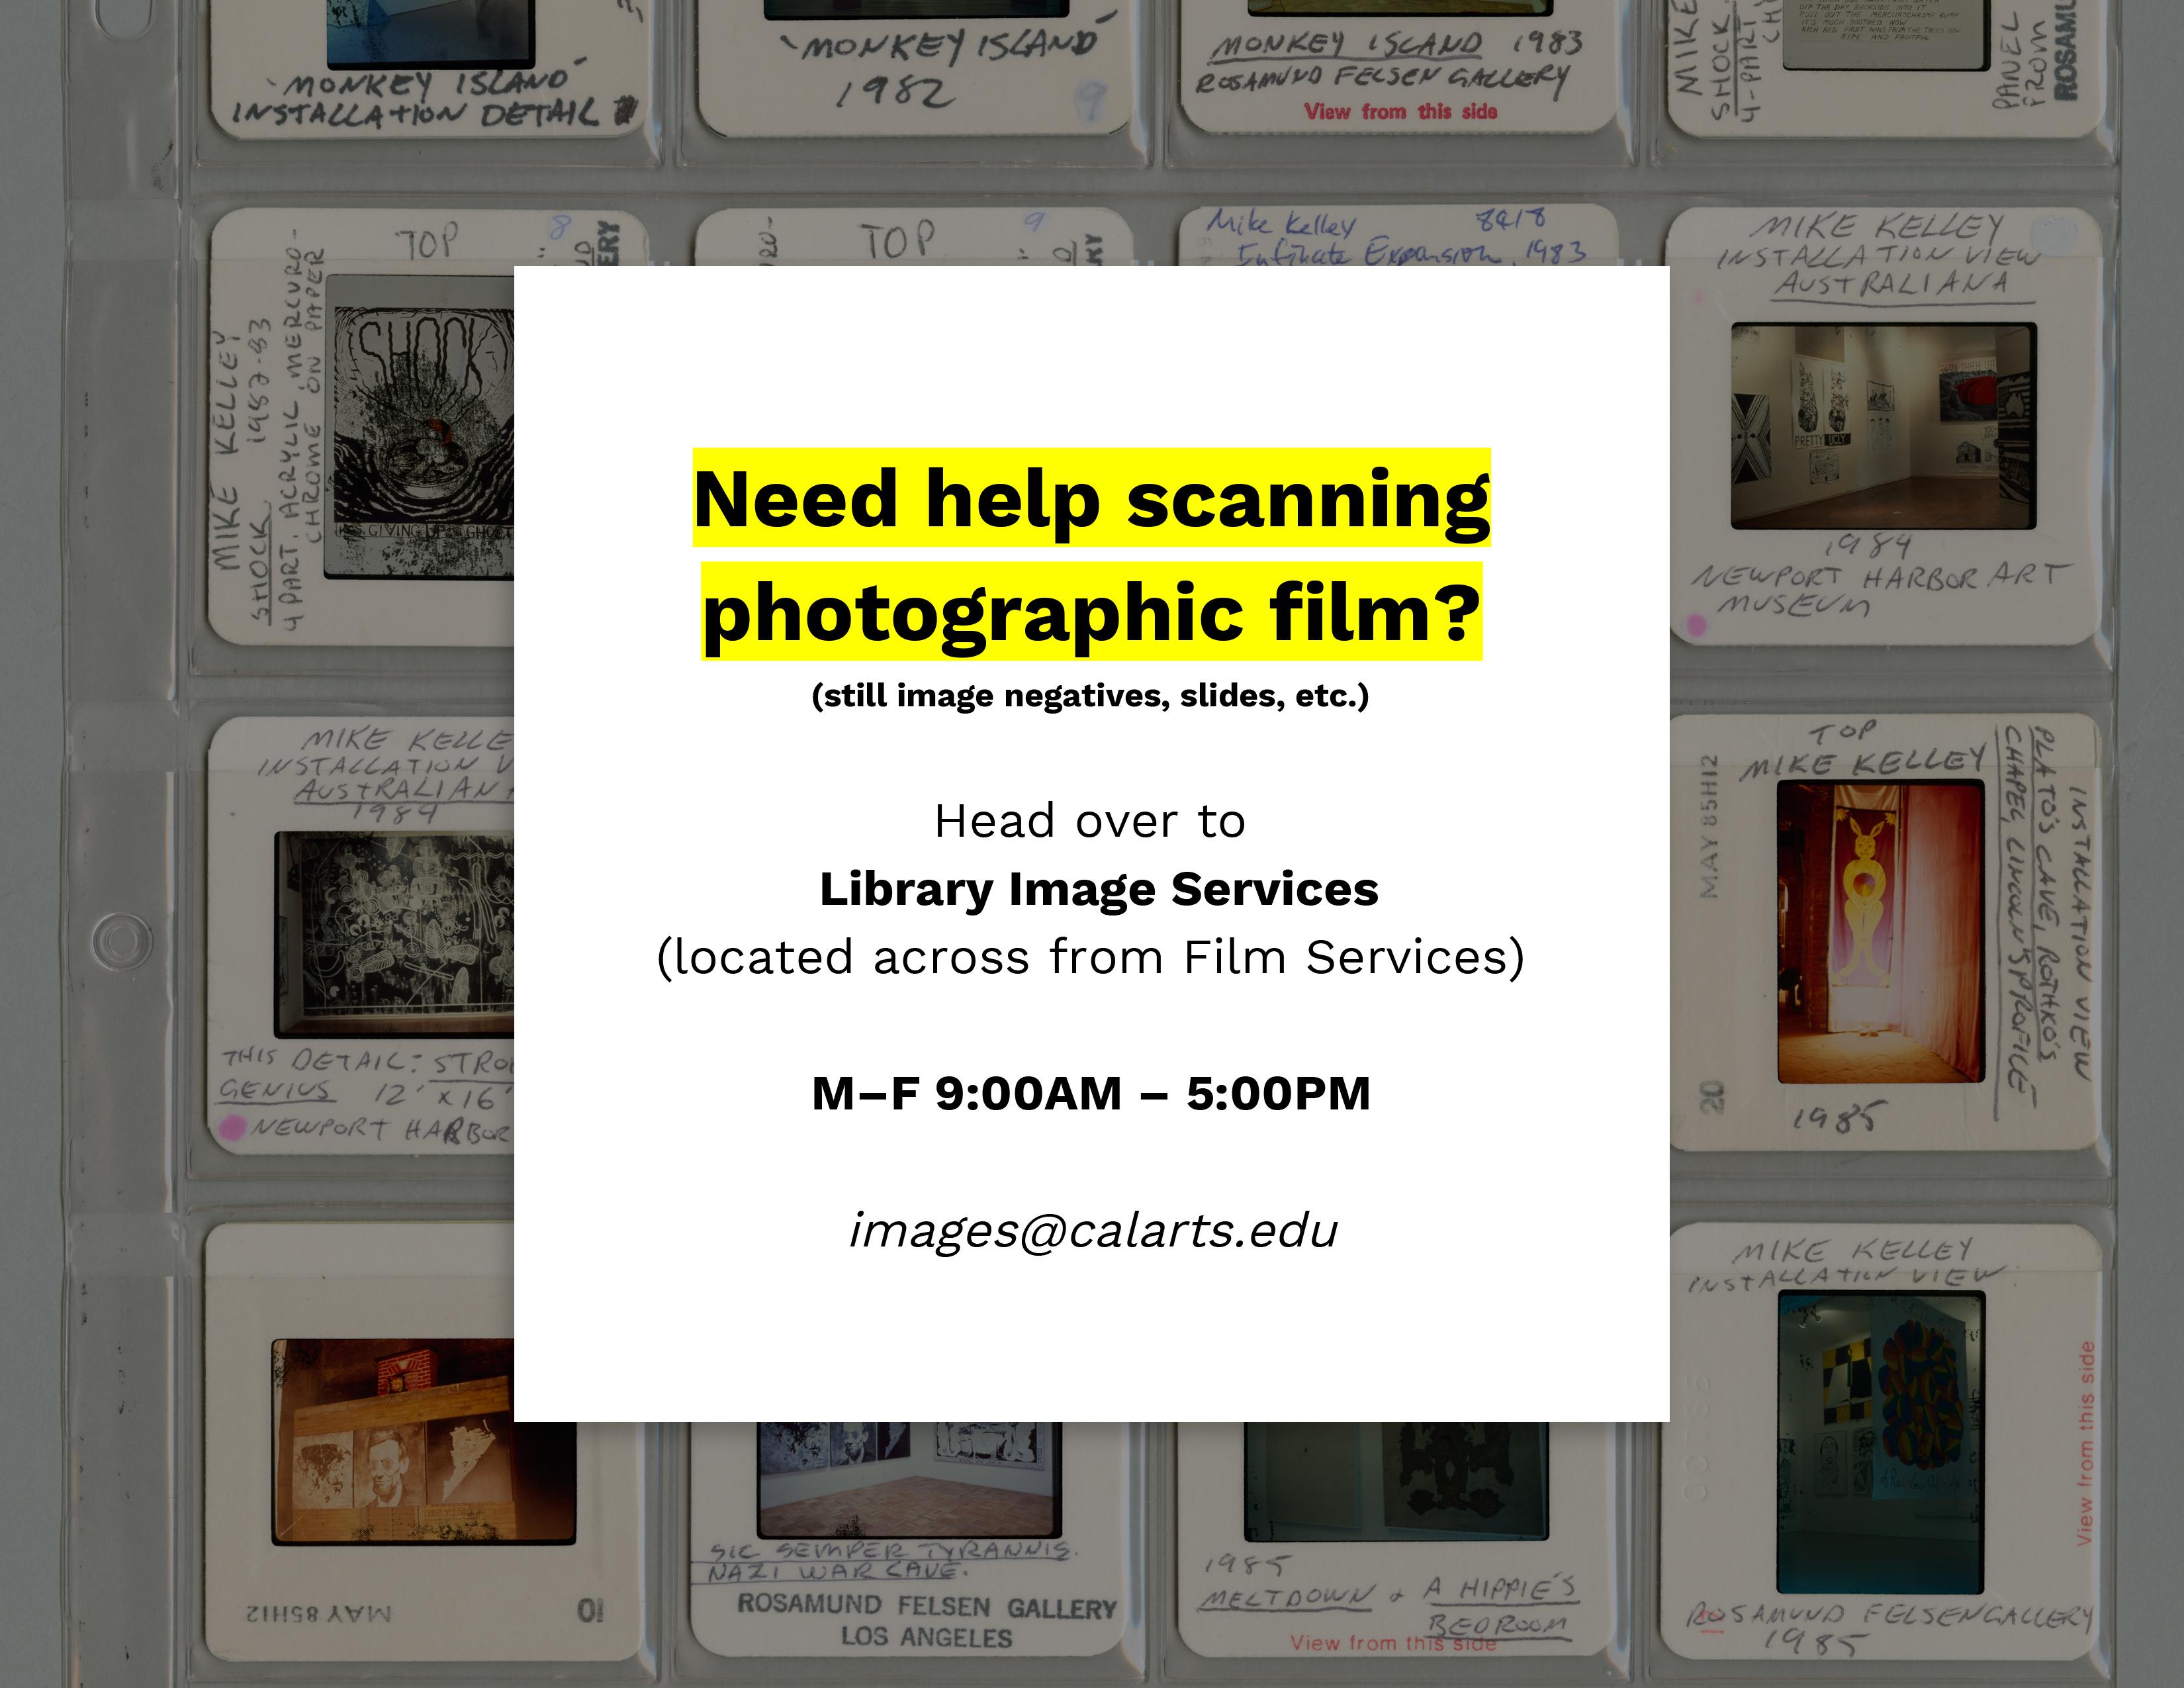 Film Scanning Assistance